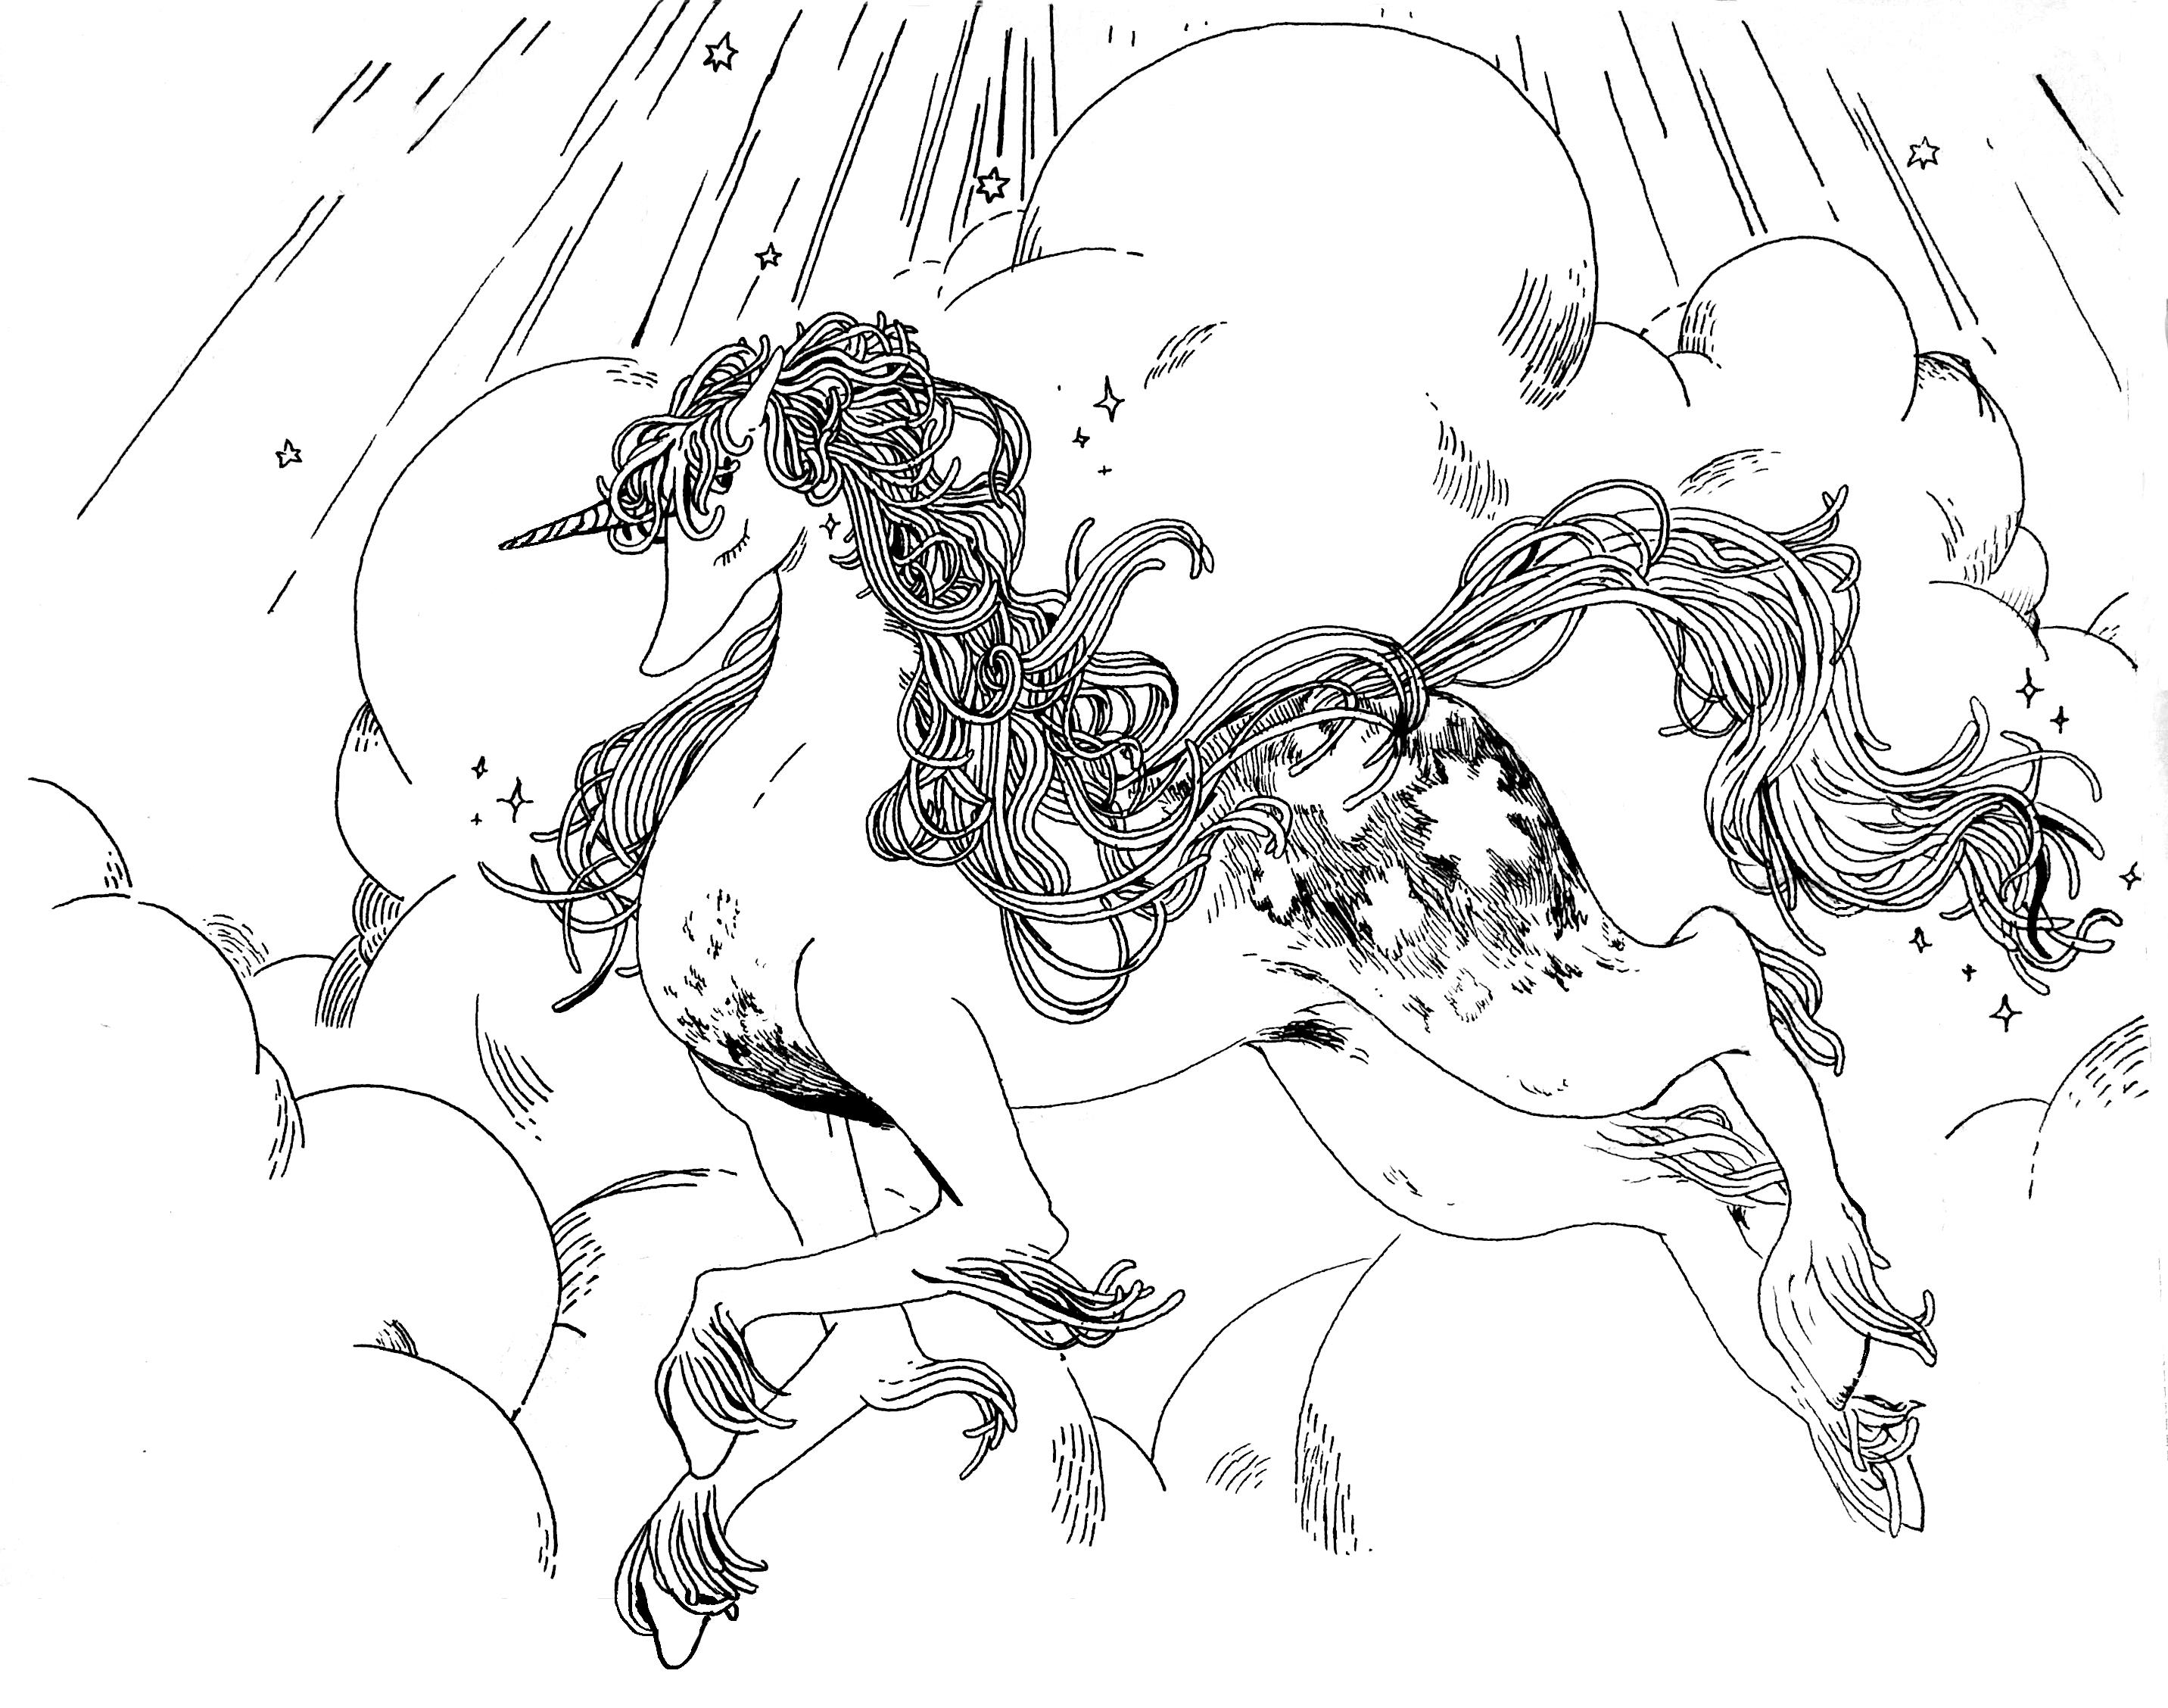 spaggheti unicorn